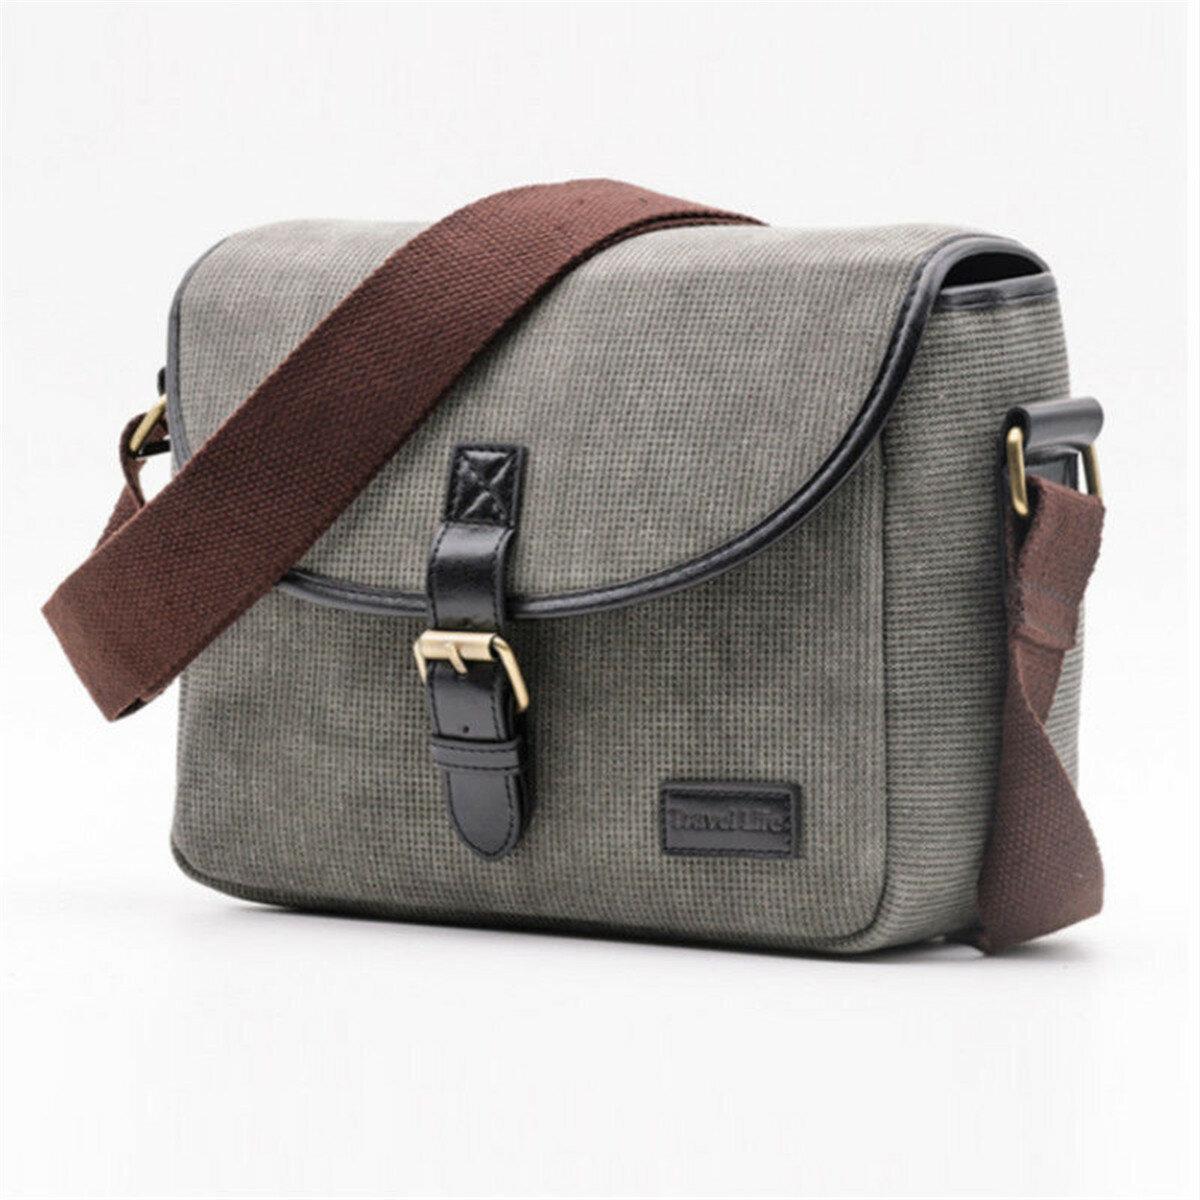 Canvas Travel Shoulder Bag Case For DSLR Digital Camera